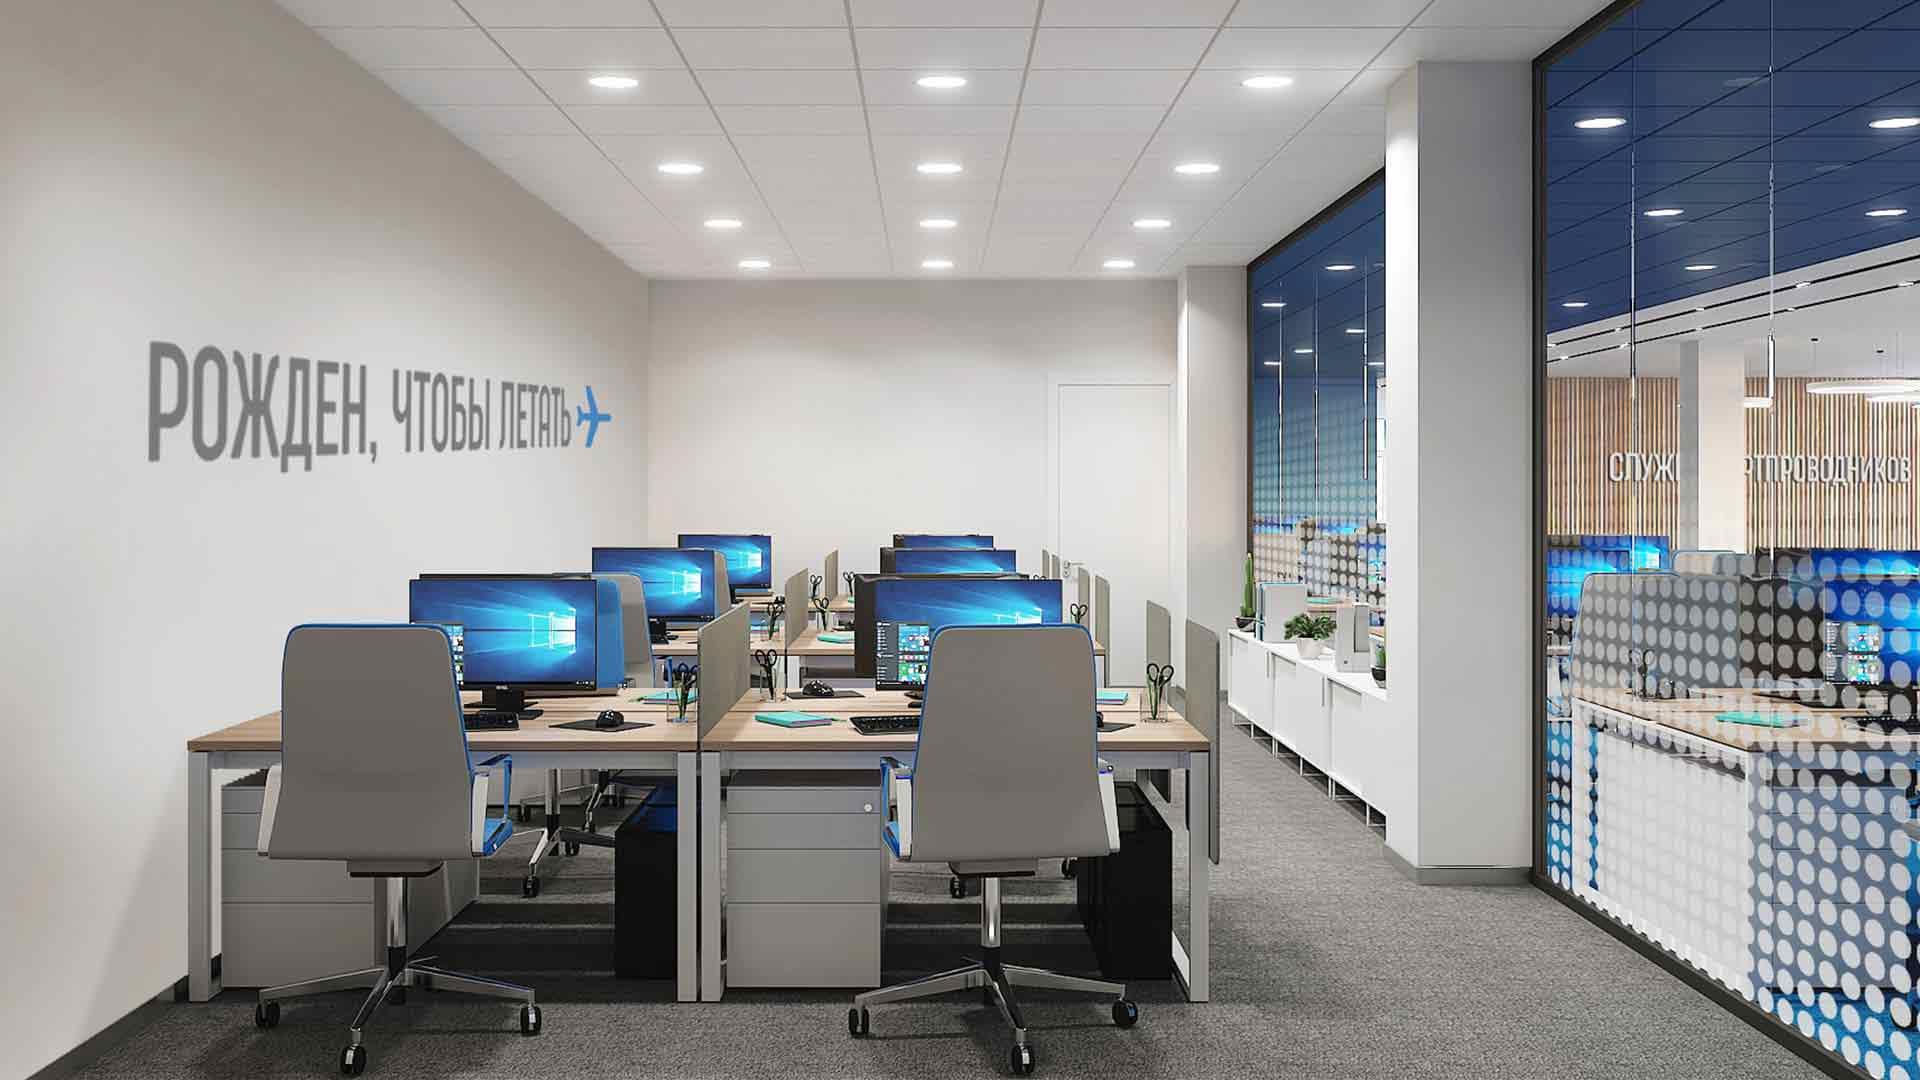 Дизайн кабинета в офиса авиакомпании Победа от бюро Снег